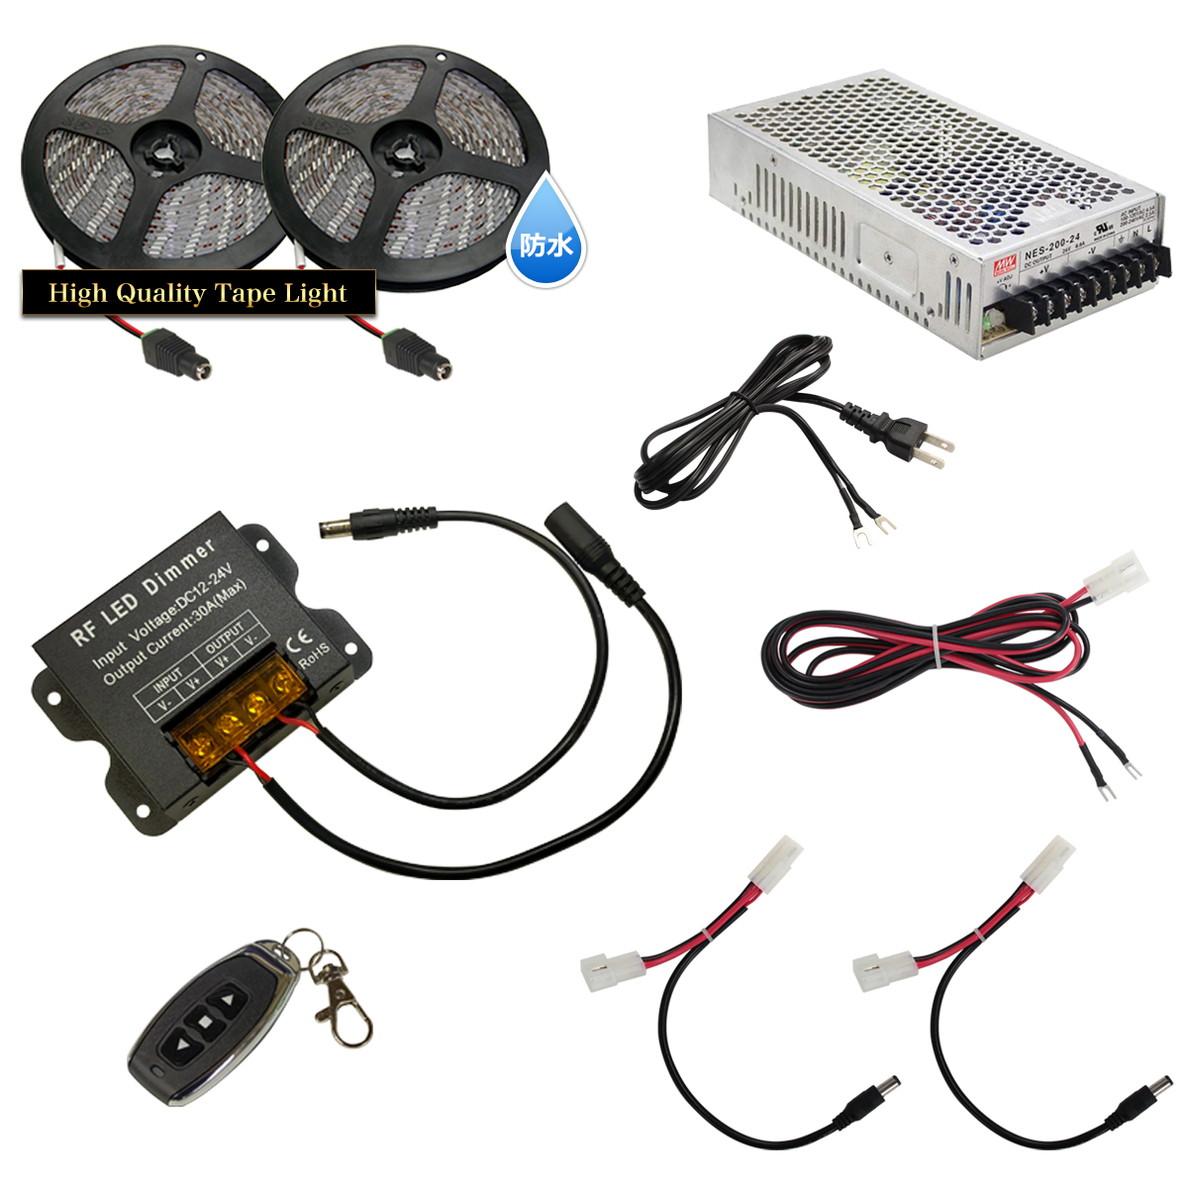 【らくらく150cm×2本セット】 防水3チップ LEDテープライト(RoHS対応) +調光器+対応アダプター付き